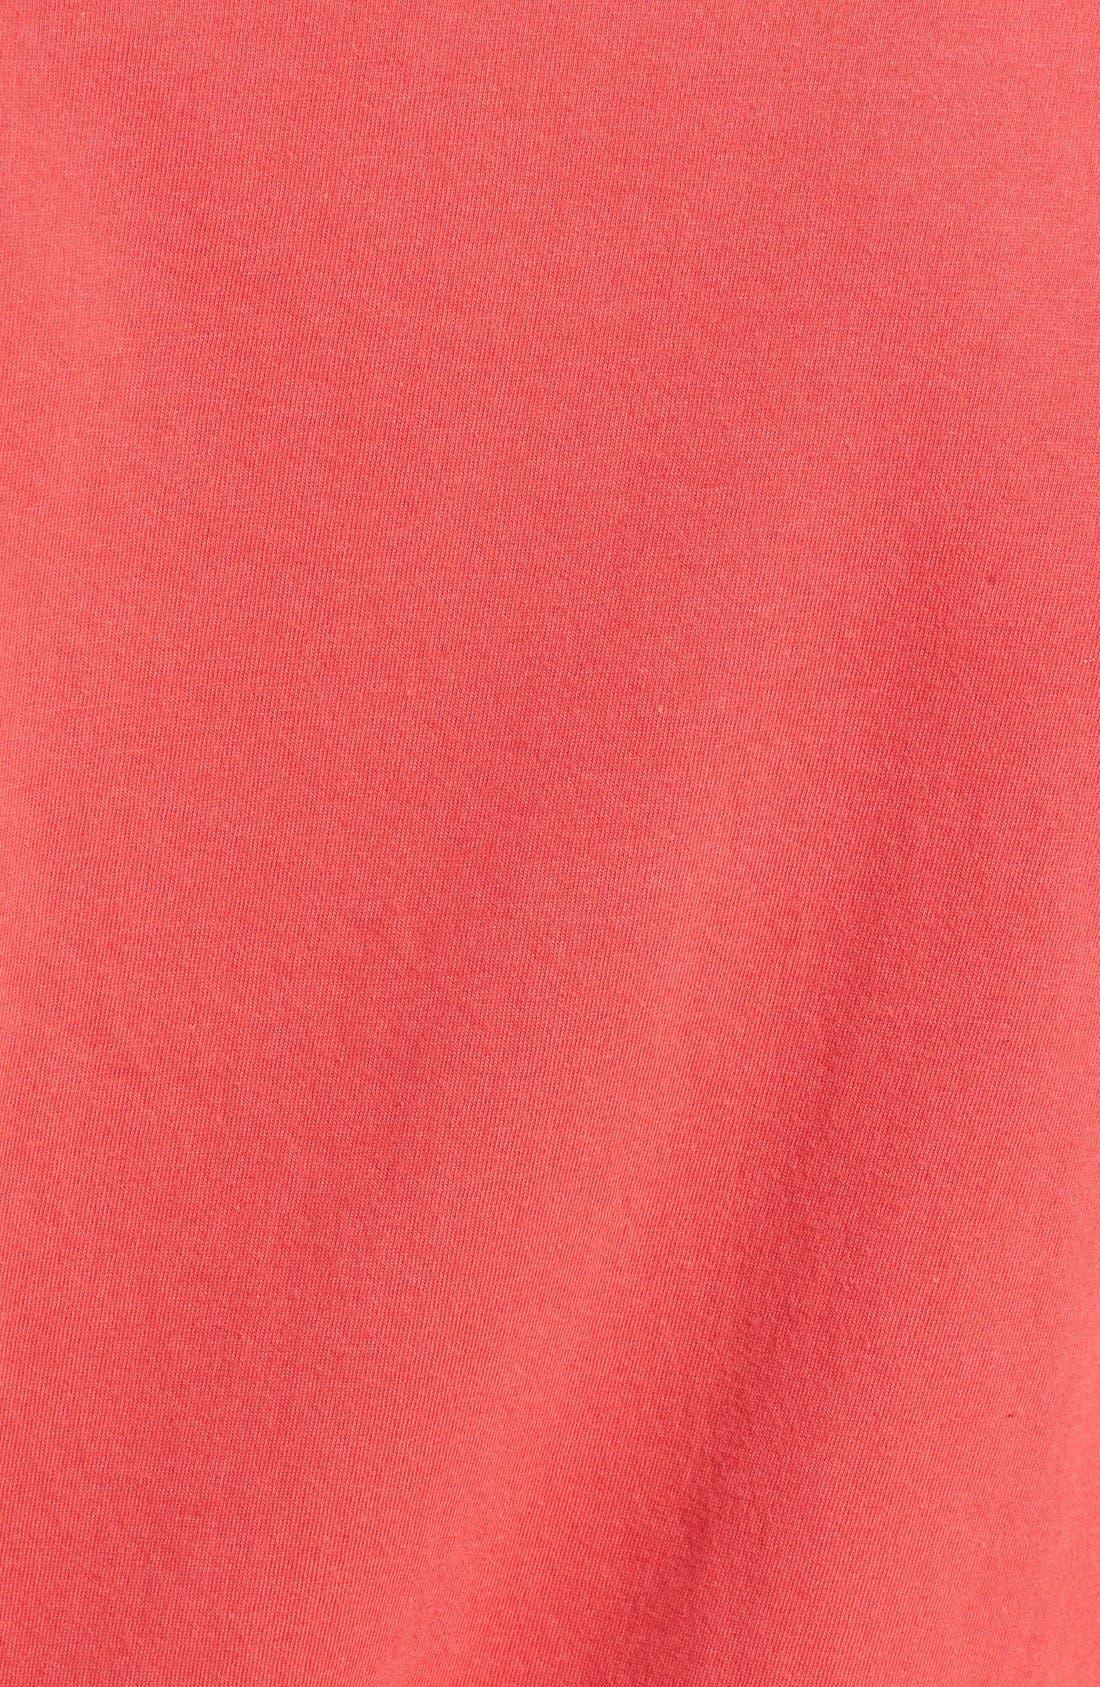 Alternate Image 5  - Red Jacket 'Saint Louis Cardinals - Remote Control' Trim Fit T-Shirt